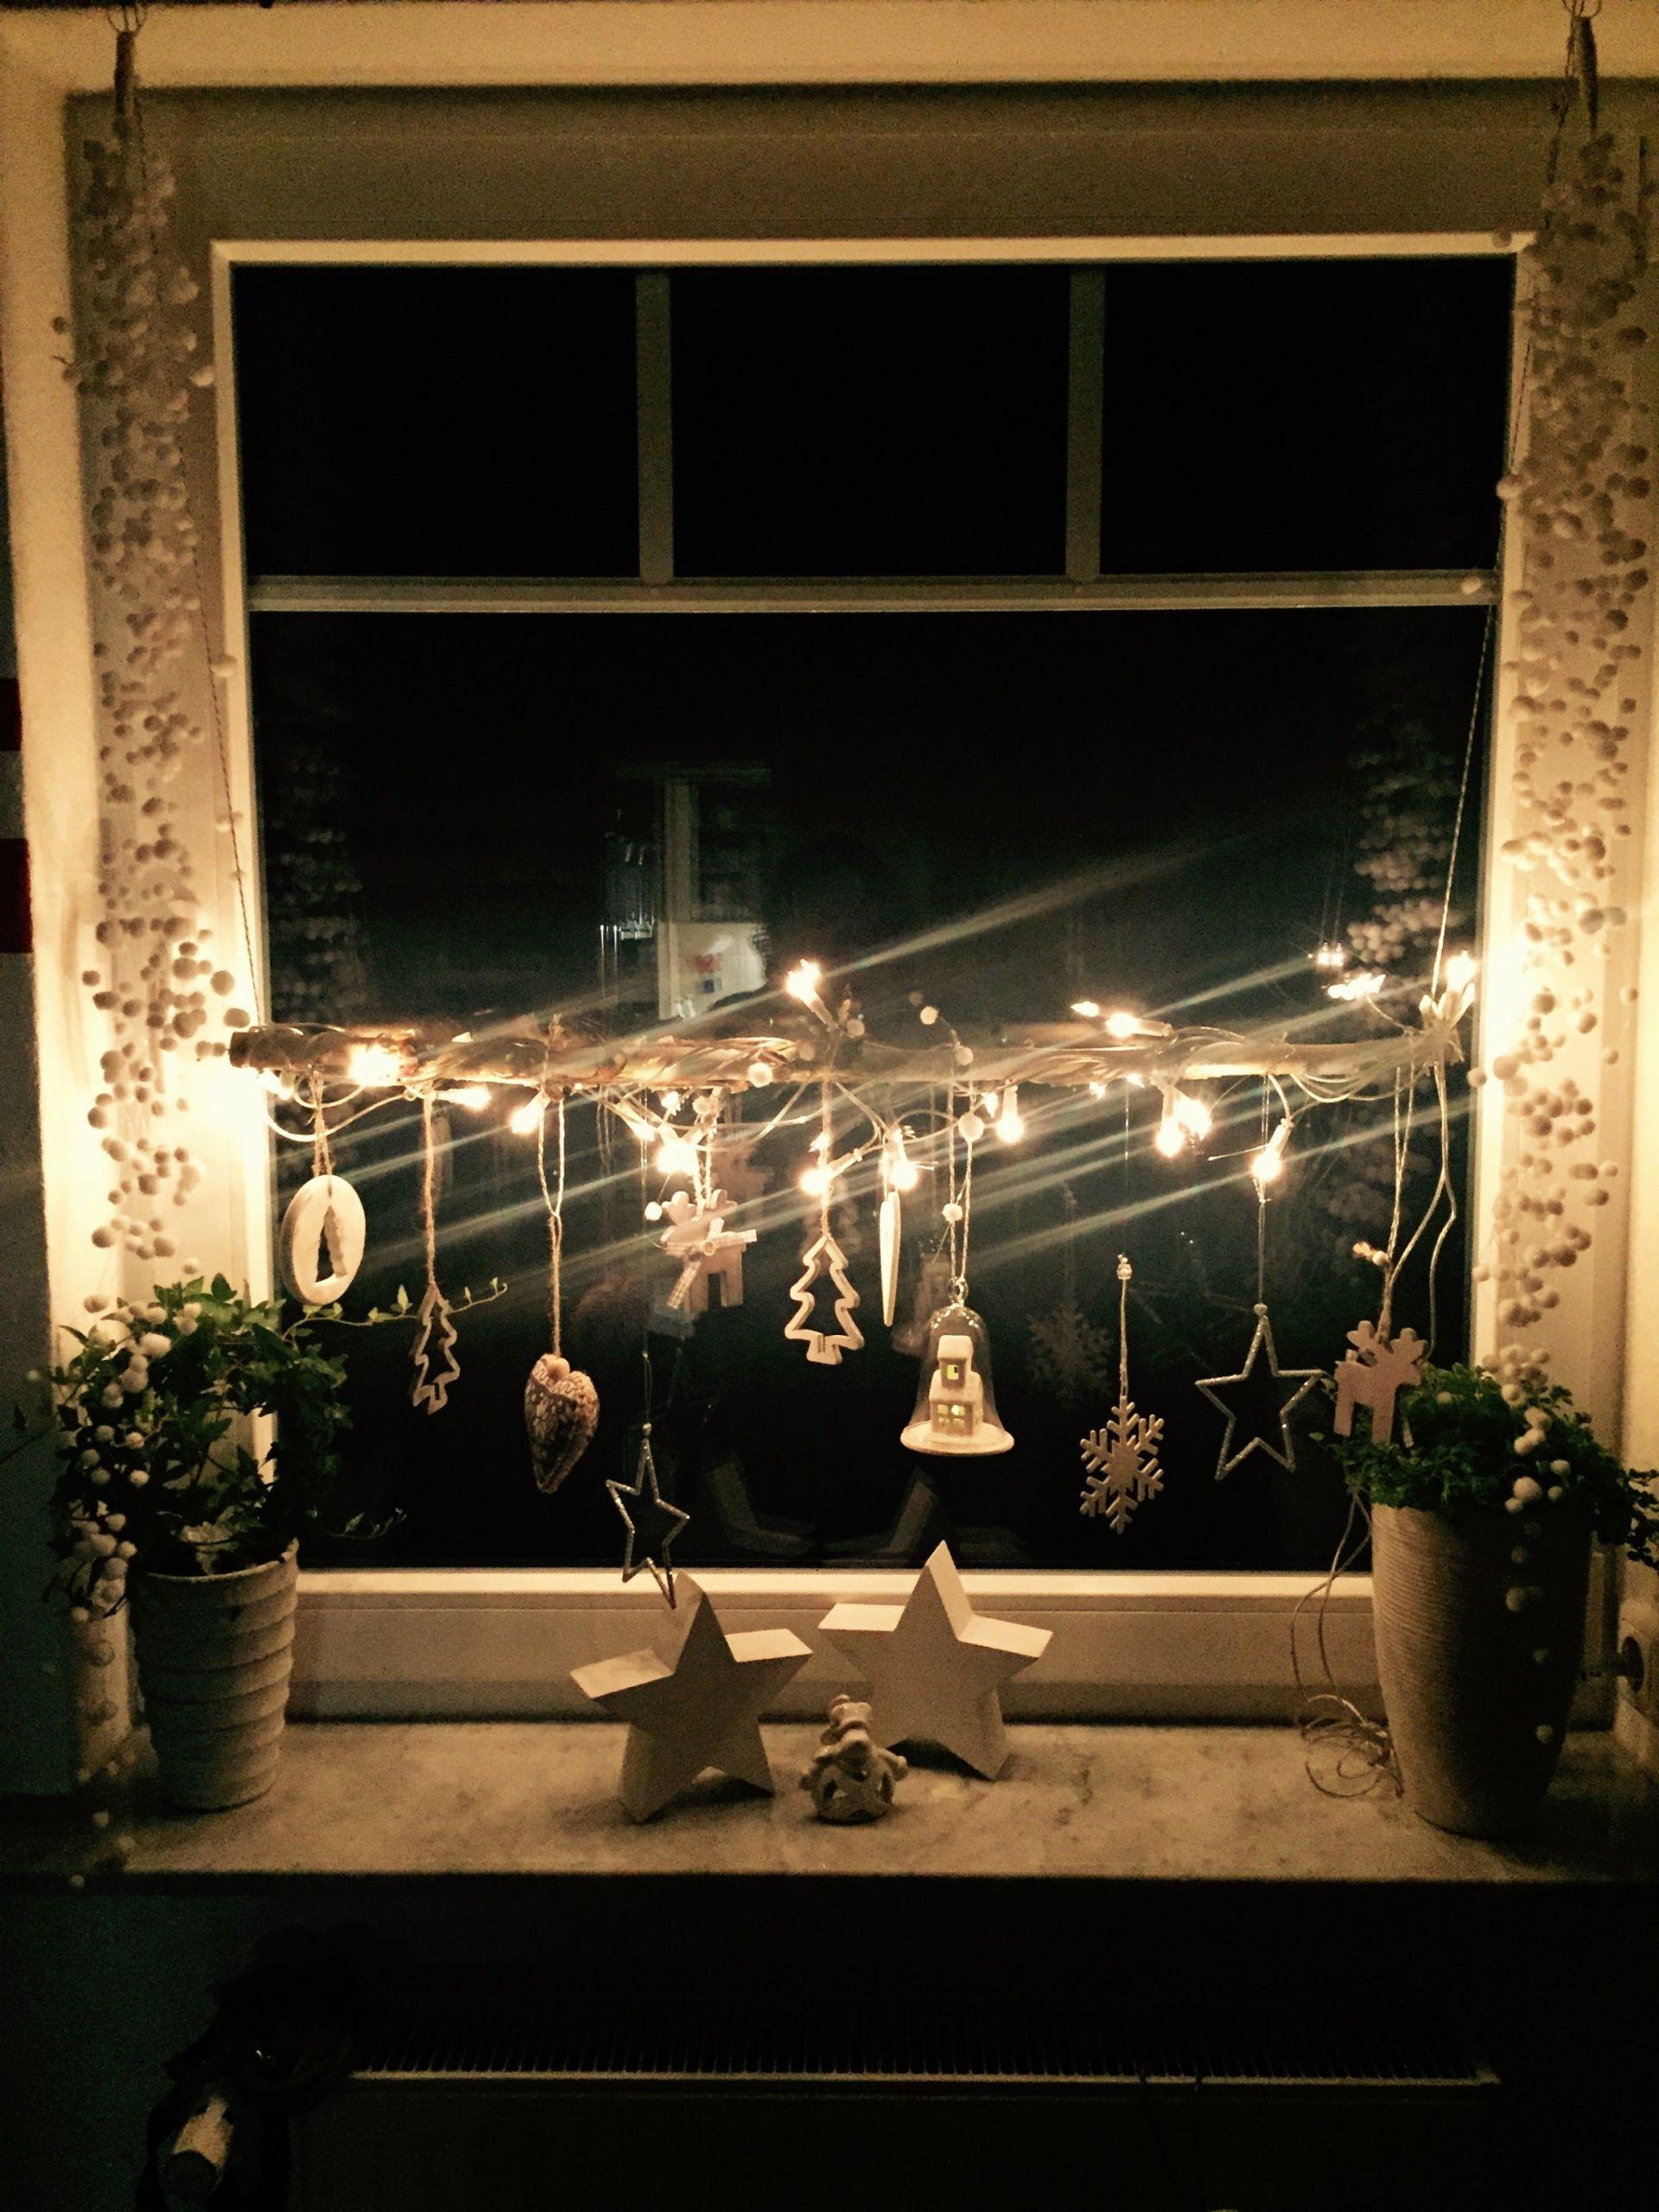 weihnachtsdeko selber basteln luxus holz deko selber machen schon rustikale weihnachtsdeko selber machen rustikale weihnachtsdeko selber machen